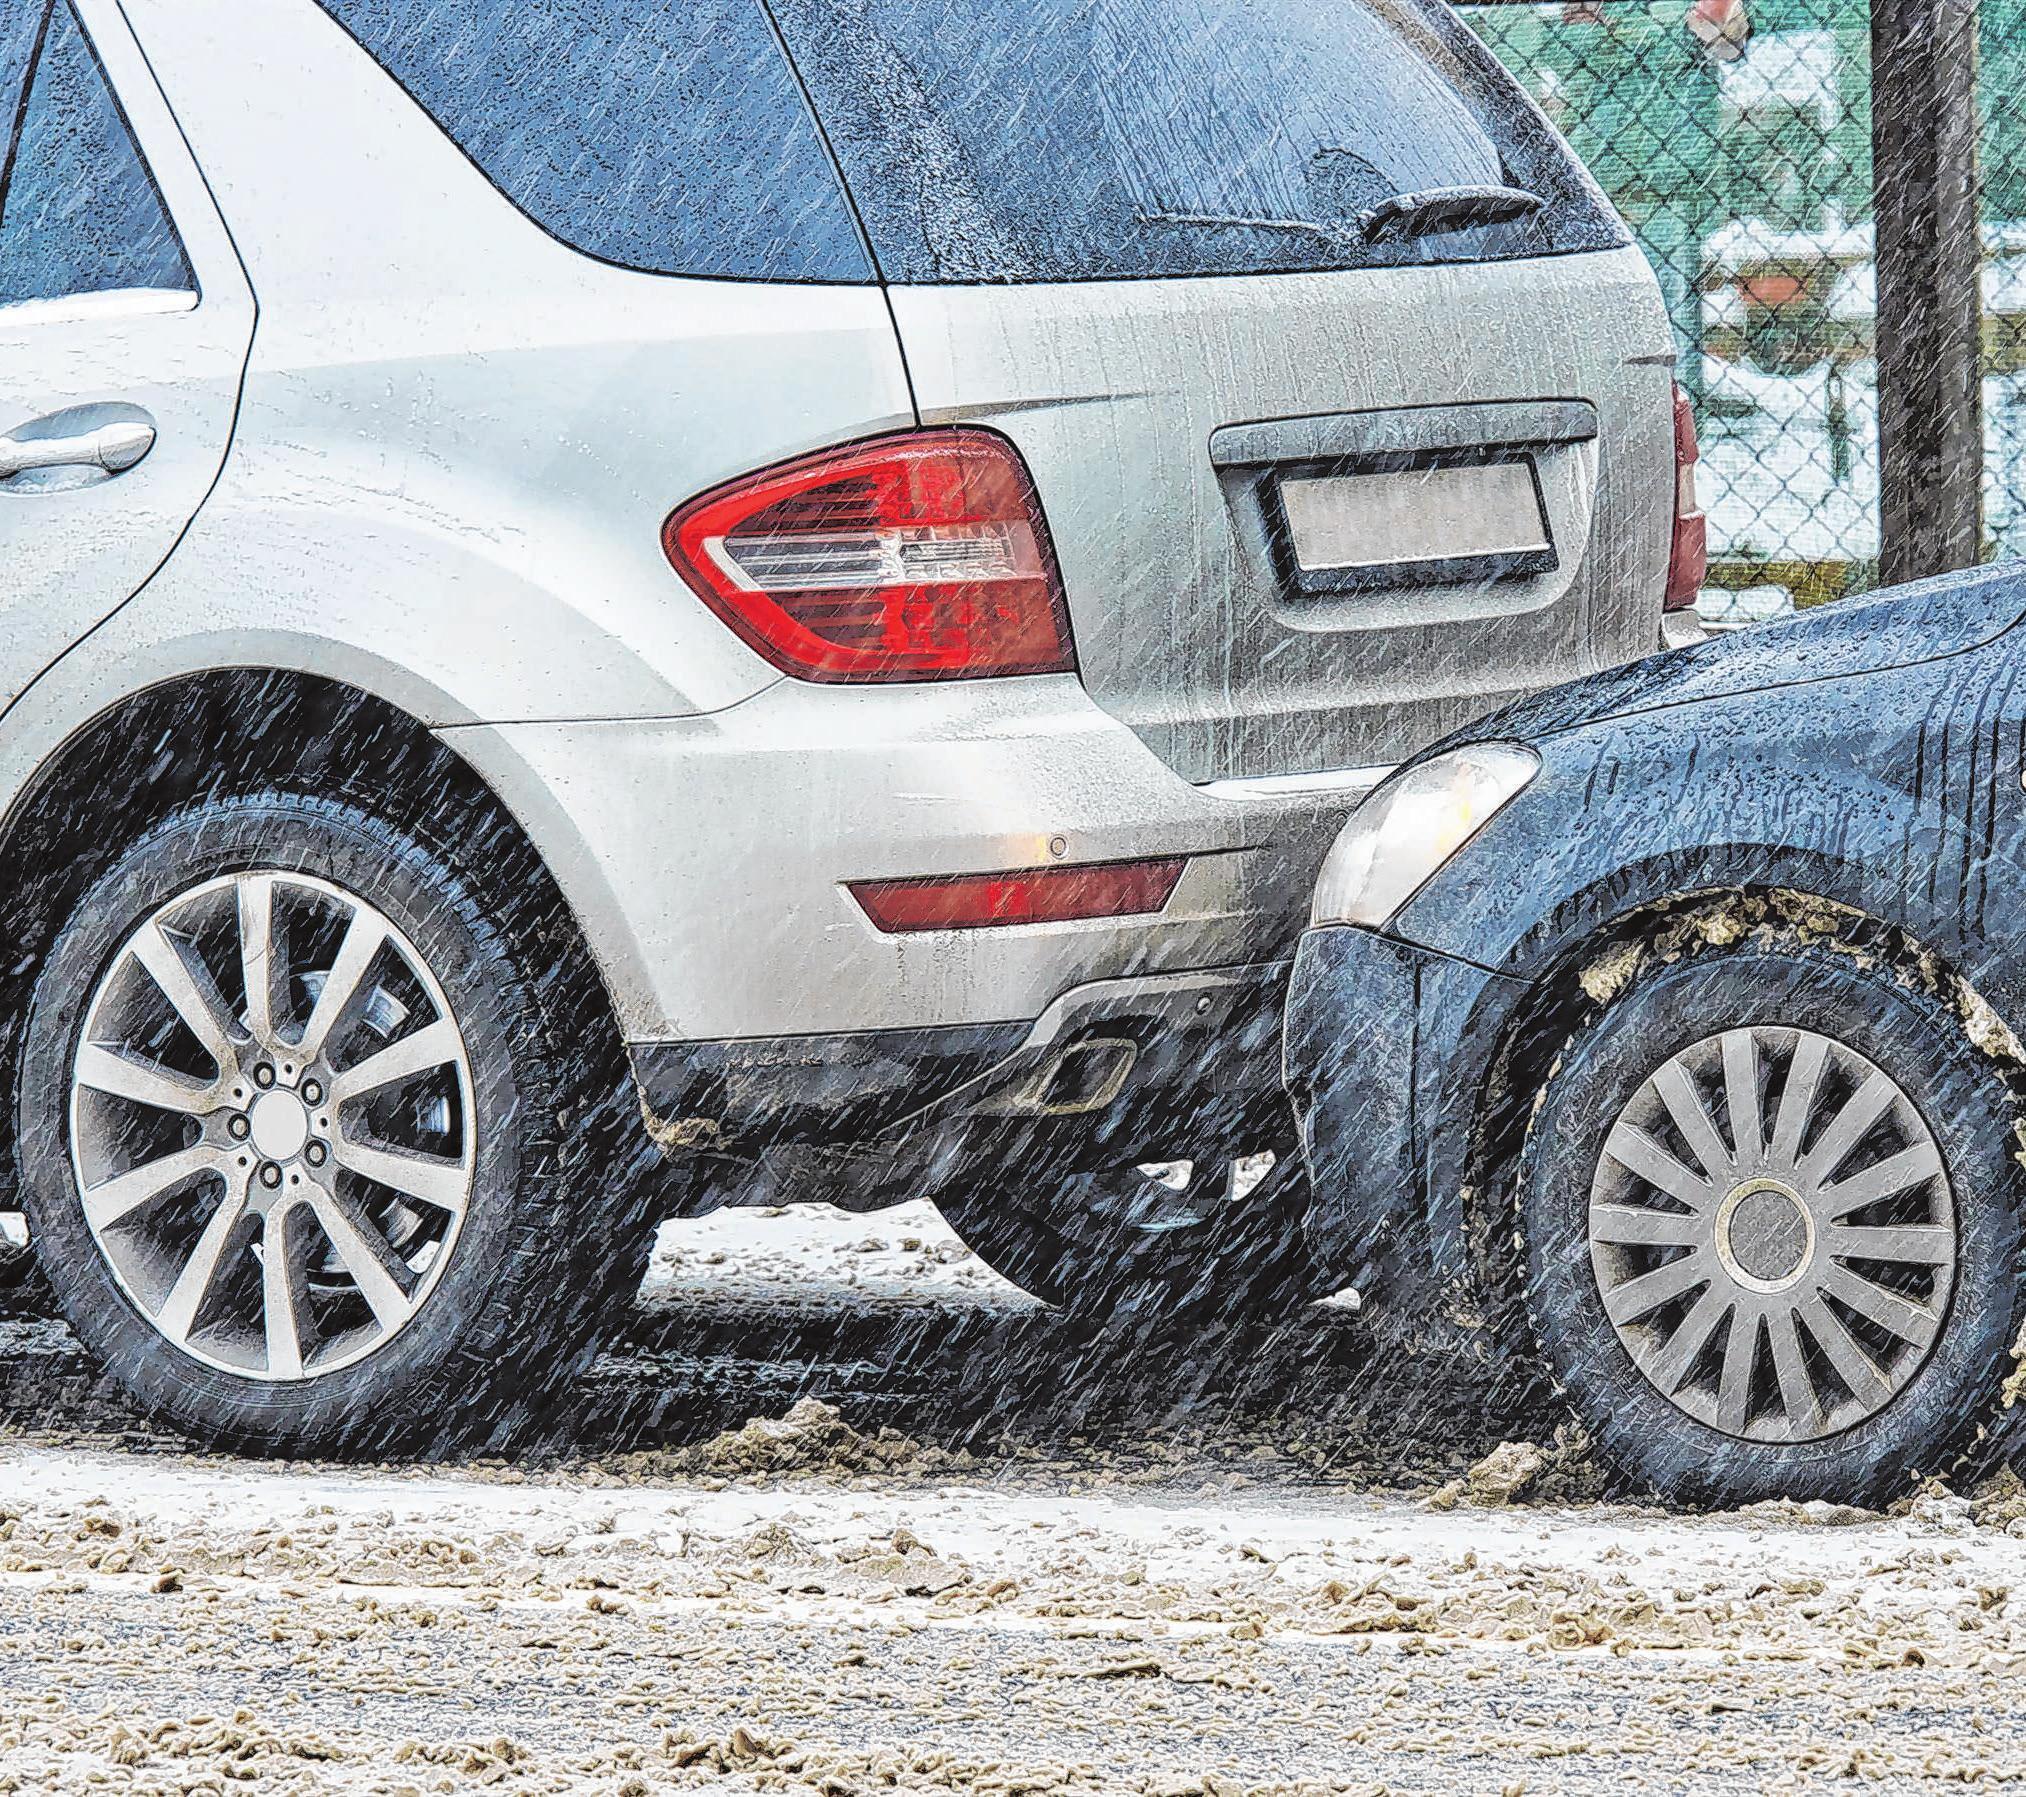 Gerade bei Eis und Schnee ist ein Unfall schnell passiert. Die Schuldfrage muss oft vor Gericht geklärt werden. Deshalb gehört eine Verkehrsrechtsschutzversicherung heute zu den Standardabsicherungen für ein mobiles Leben. Foto: shutterstoch.com